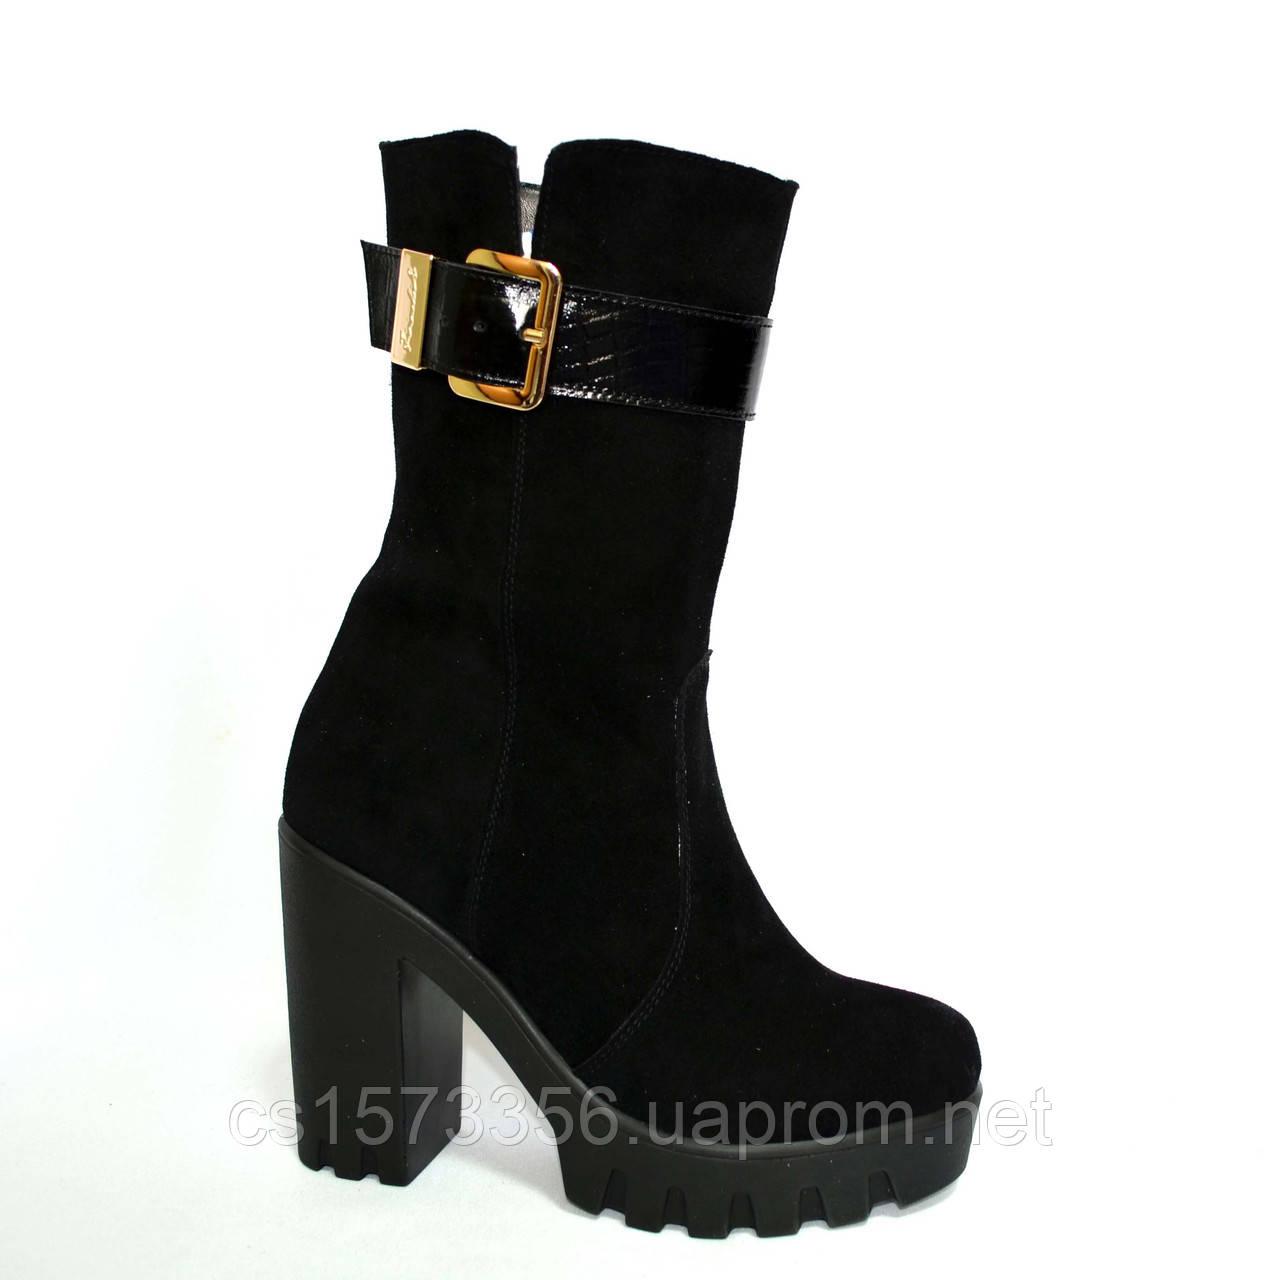 Женские замшевые ботинки демисезонные на тракторной подошве, декорированы лаковым ремешком.